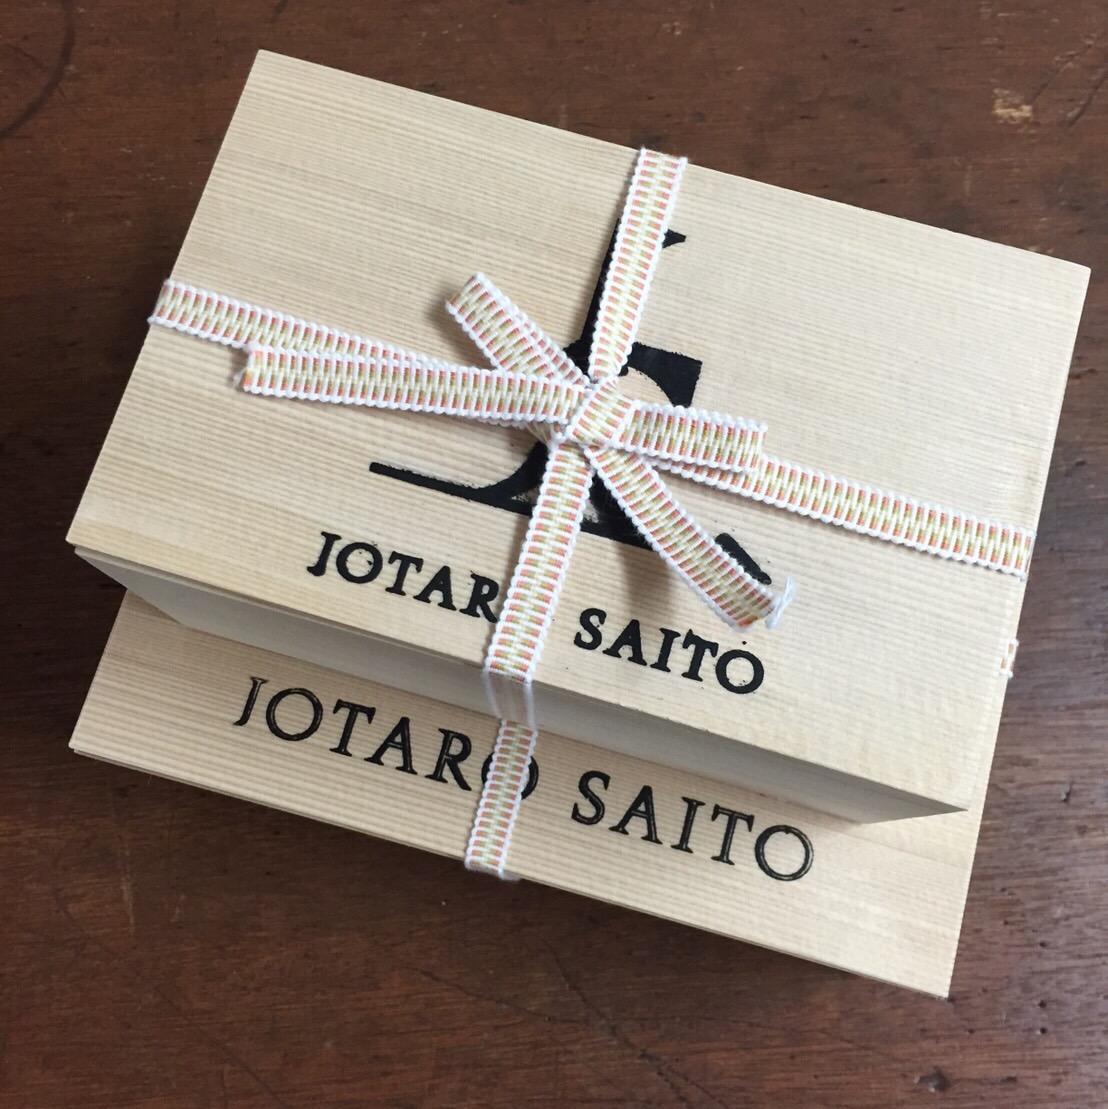 """GINZA SIX内、「JOTARO SAITO 銀座店」。ミステリアスな入り口から奥へと進むと、ブランドの世界観が広々とした空間に広がっている / カフェの名物スイーツのアイスキャンディは、「和菓子でも洋菓子でもなく、""""駄菓子""""をつくろう」という発想から生まれた"""